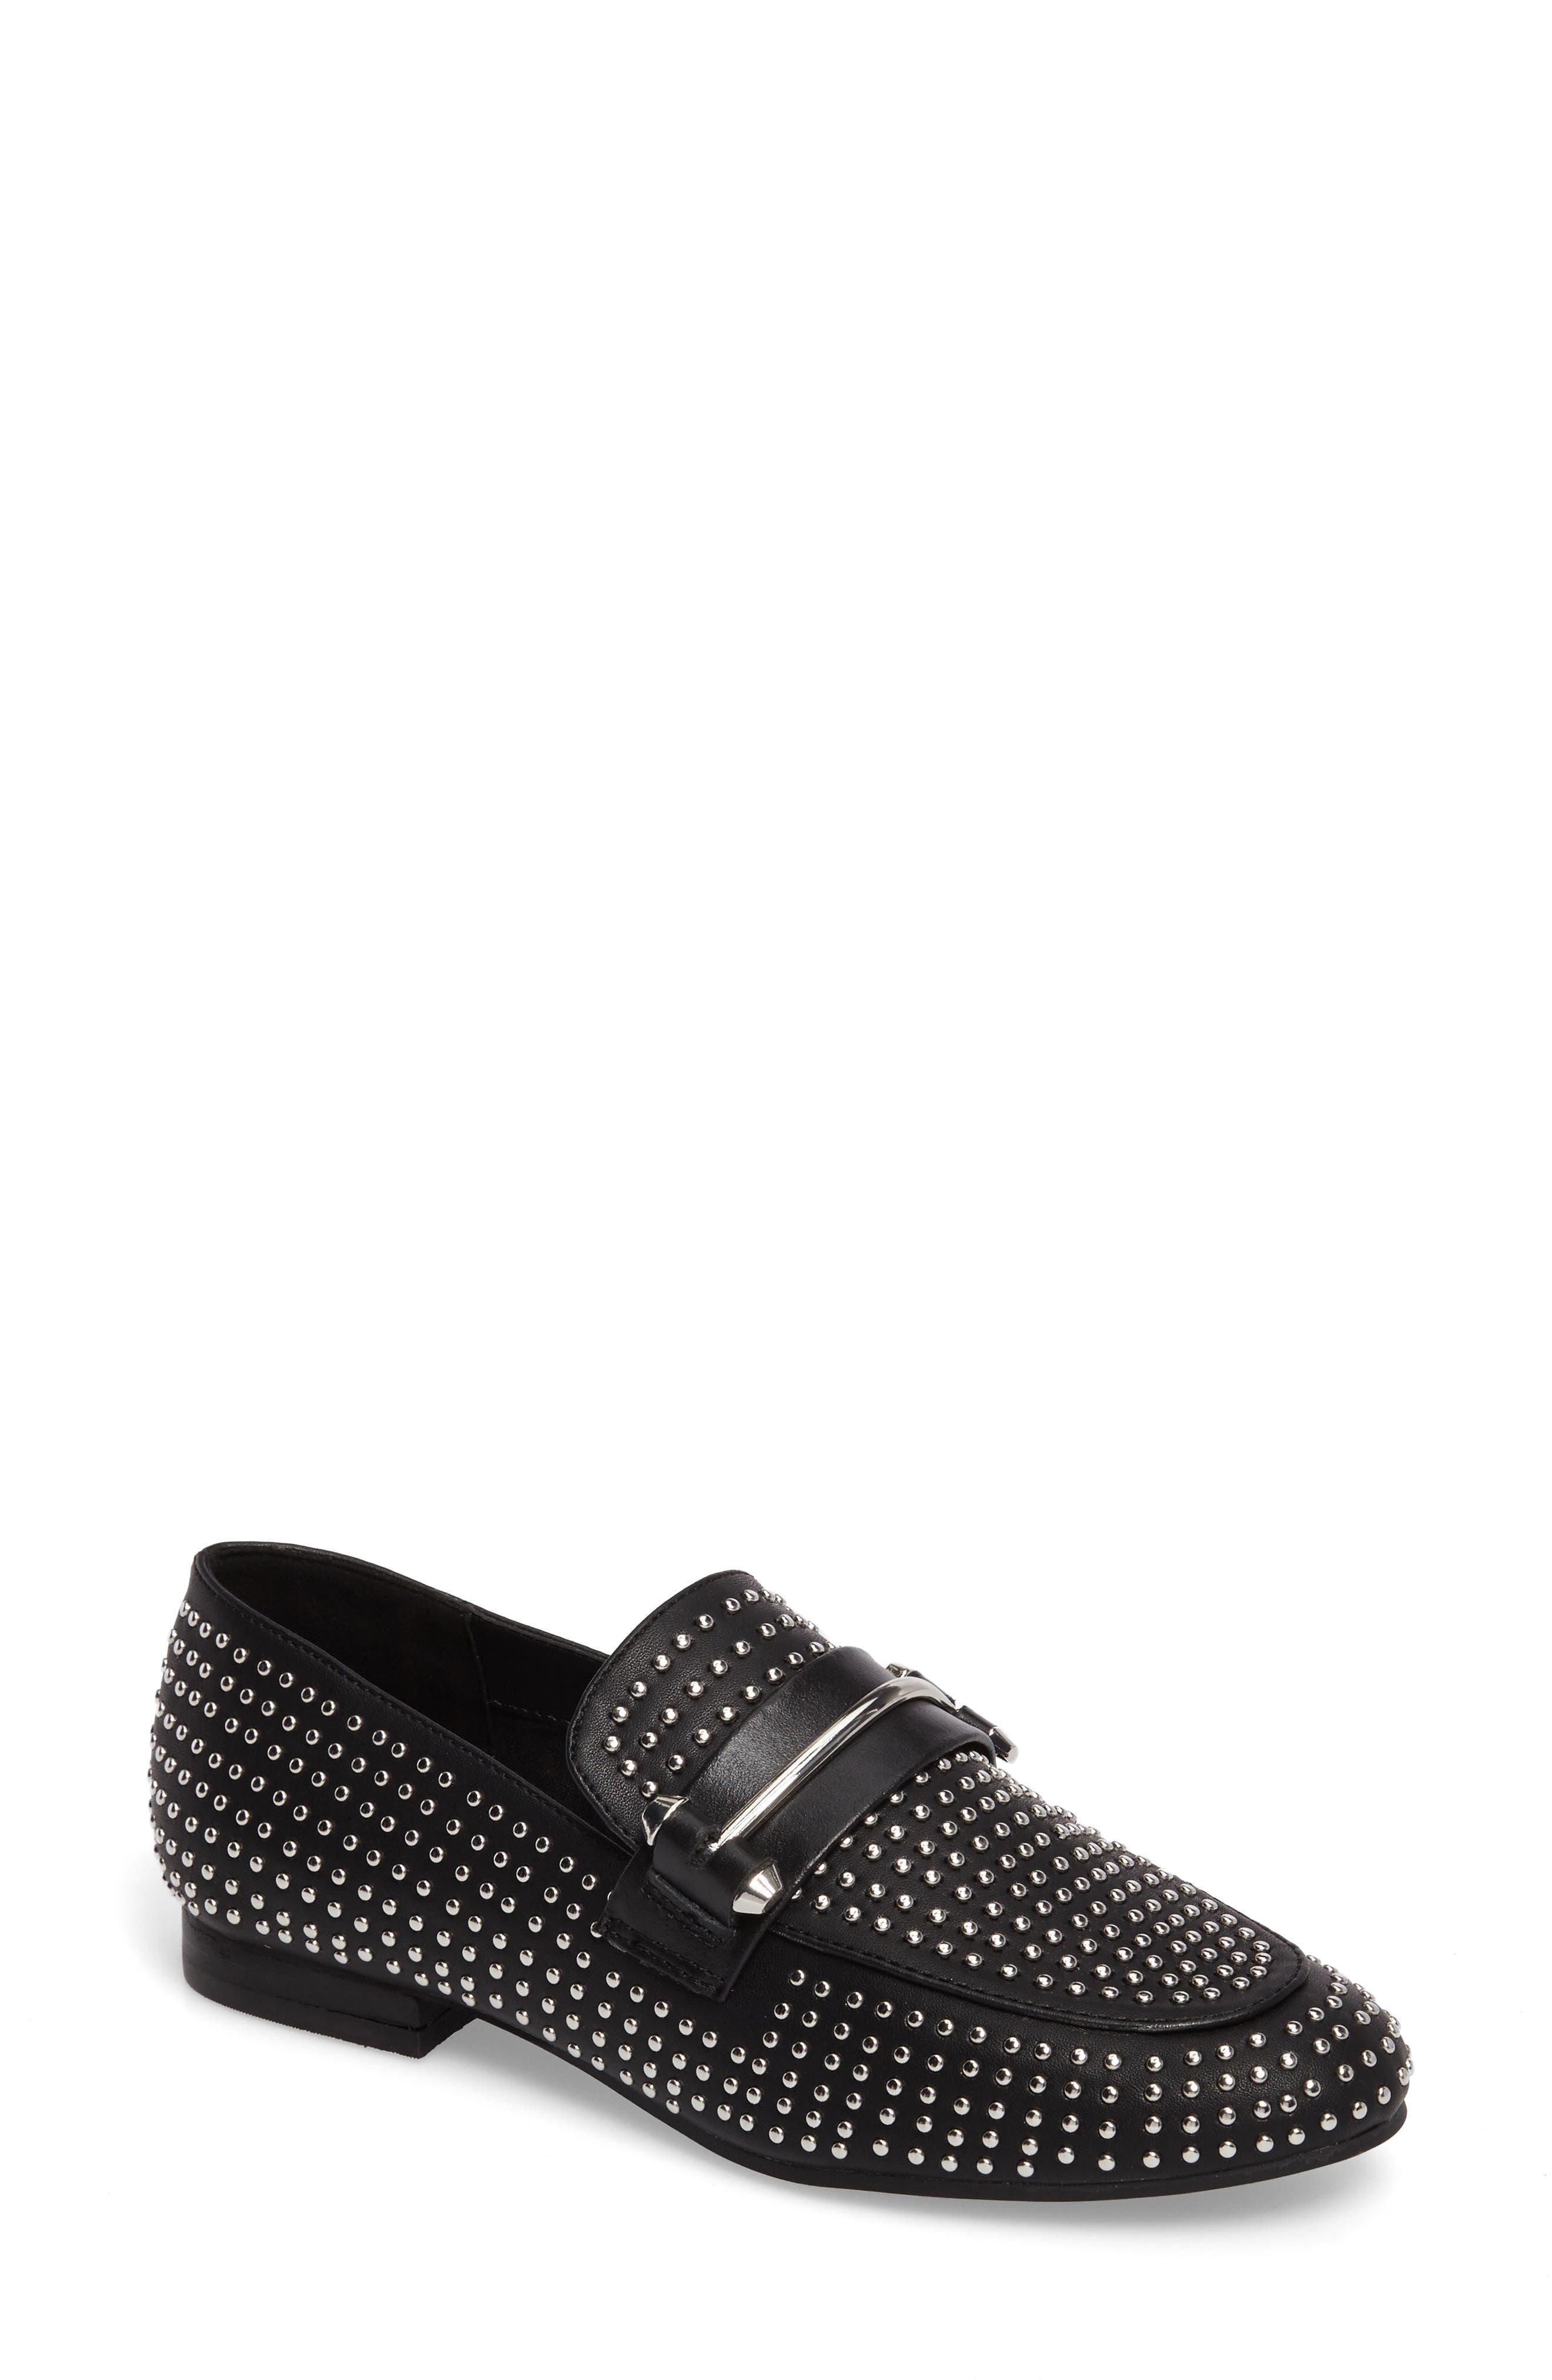 Kast Studded Loafer,                         Main,                         color, Black Faux Leather